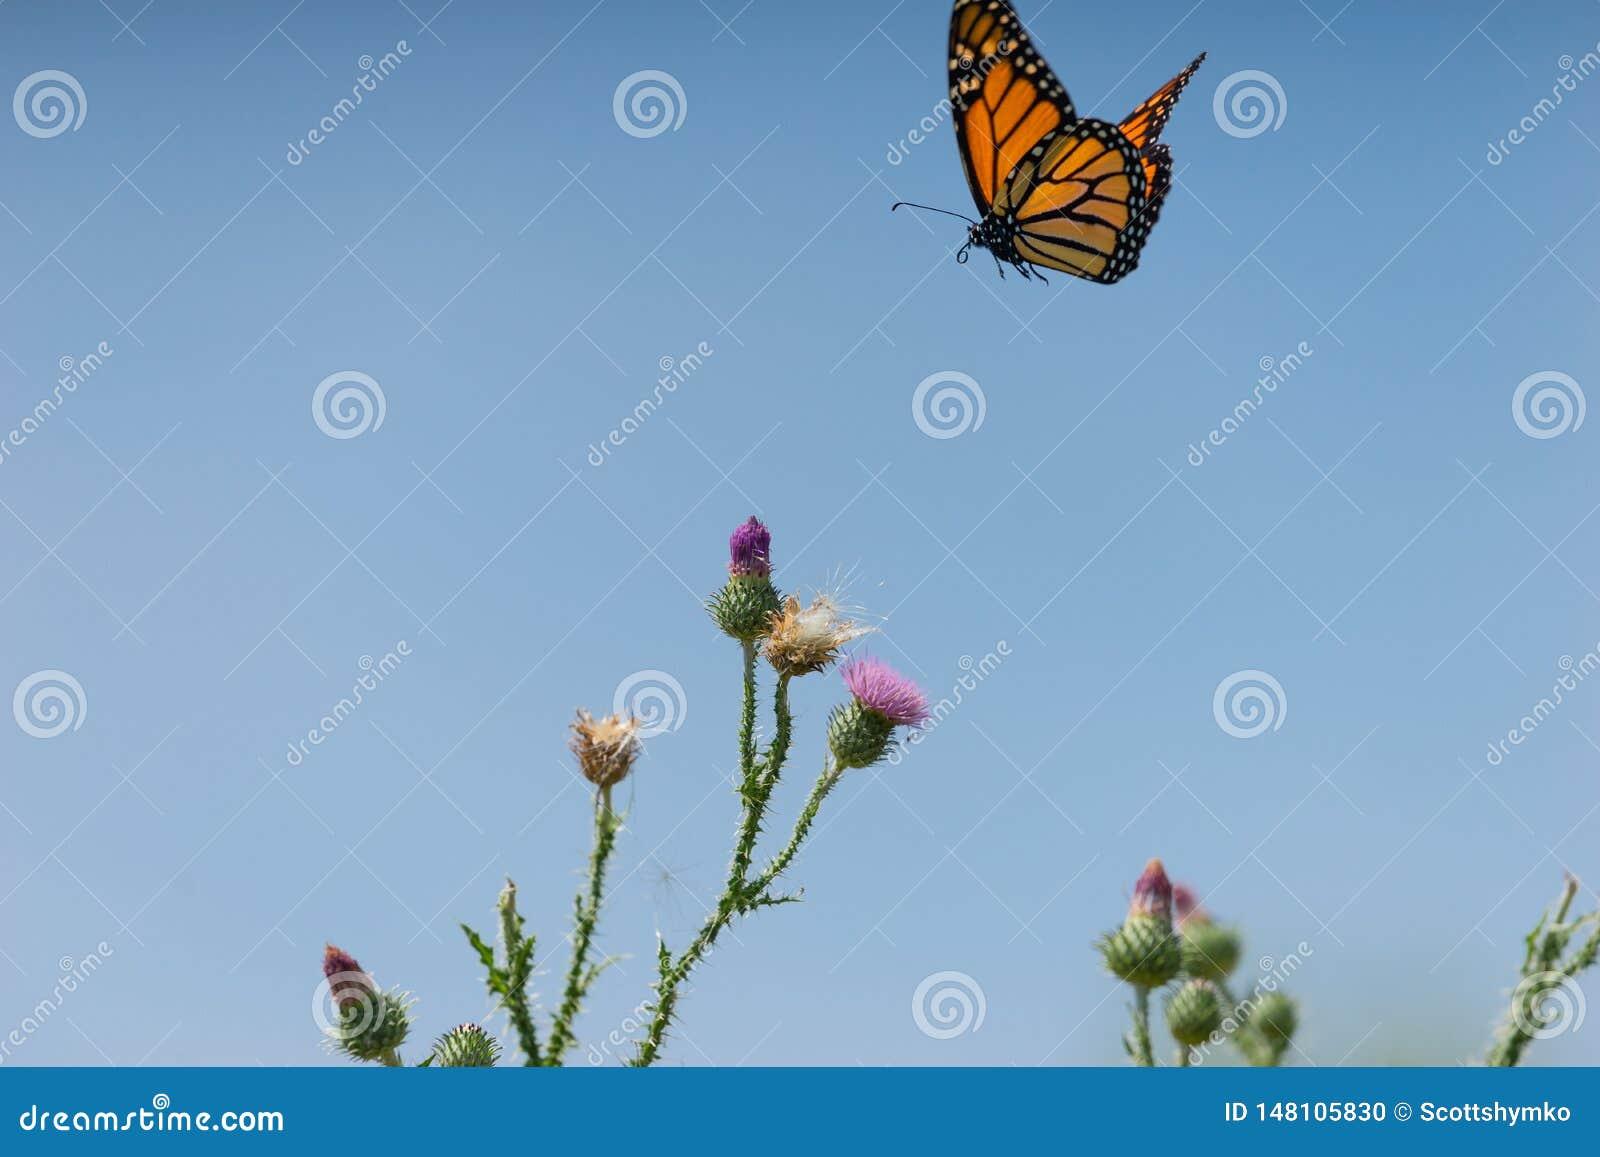 Ein Monarchfalter fliegt über eine Distelanlage